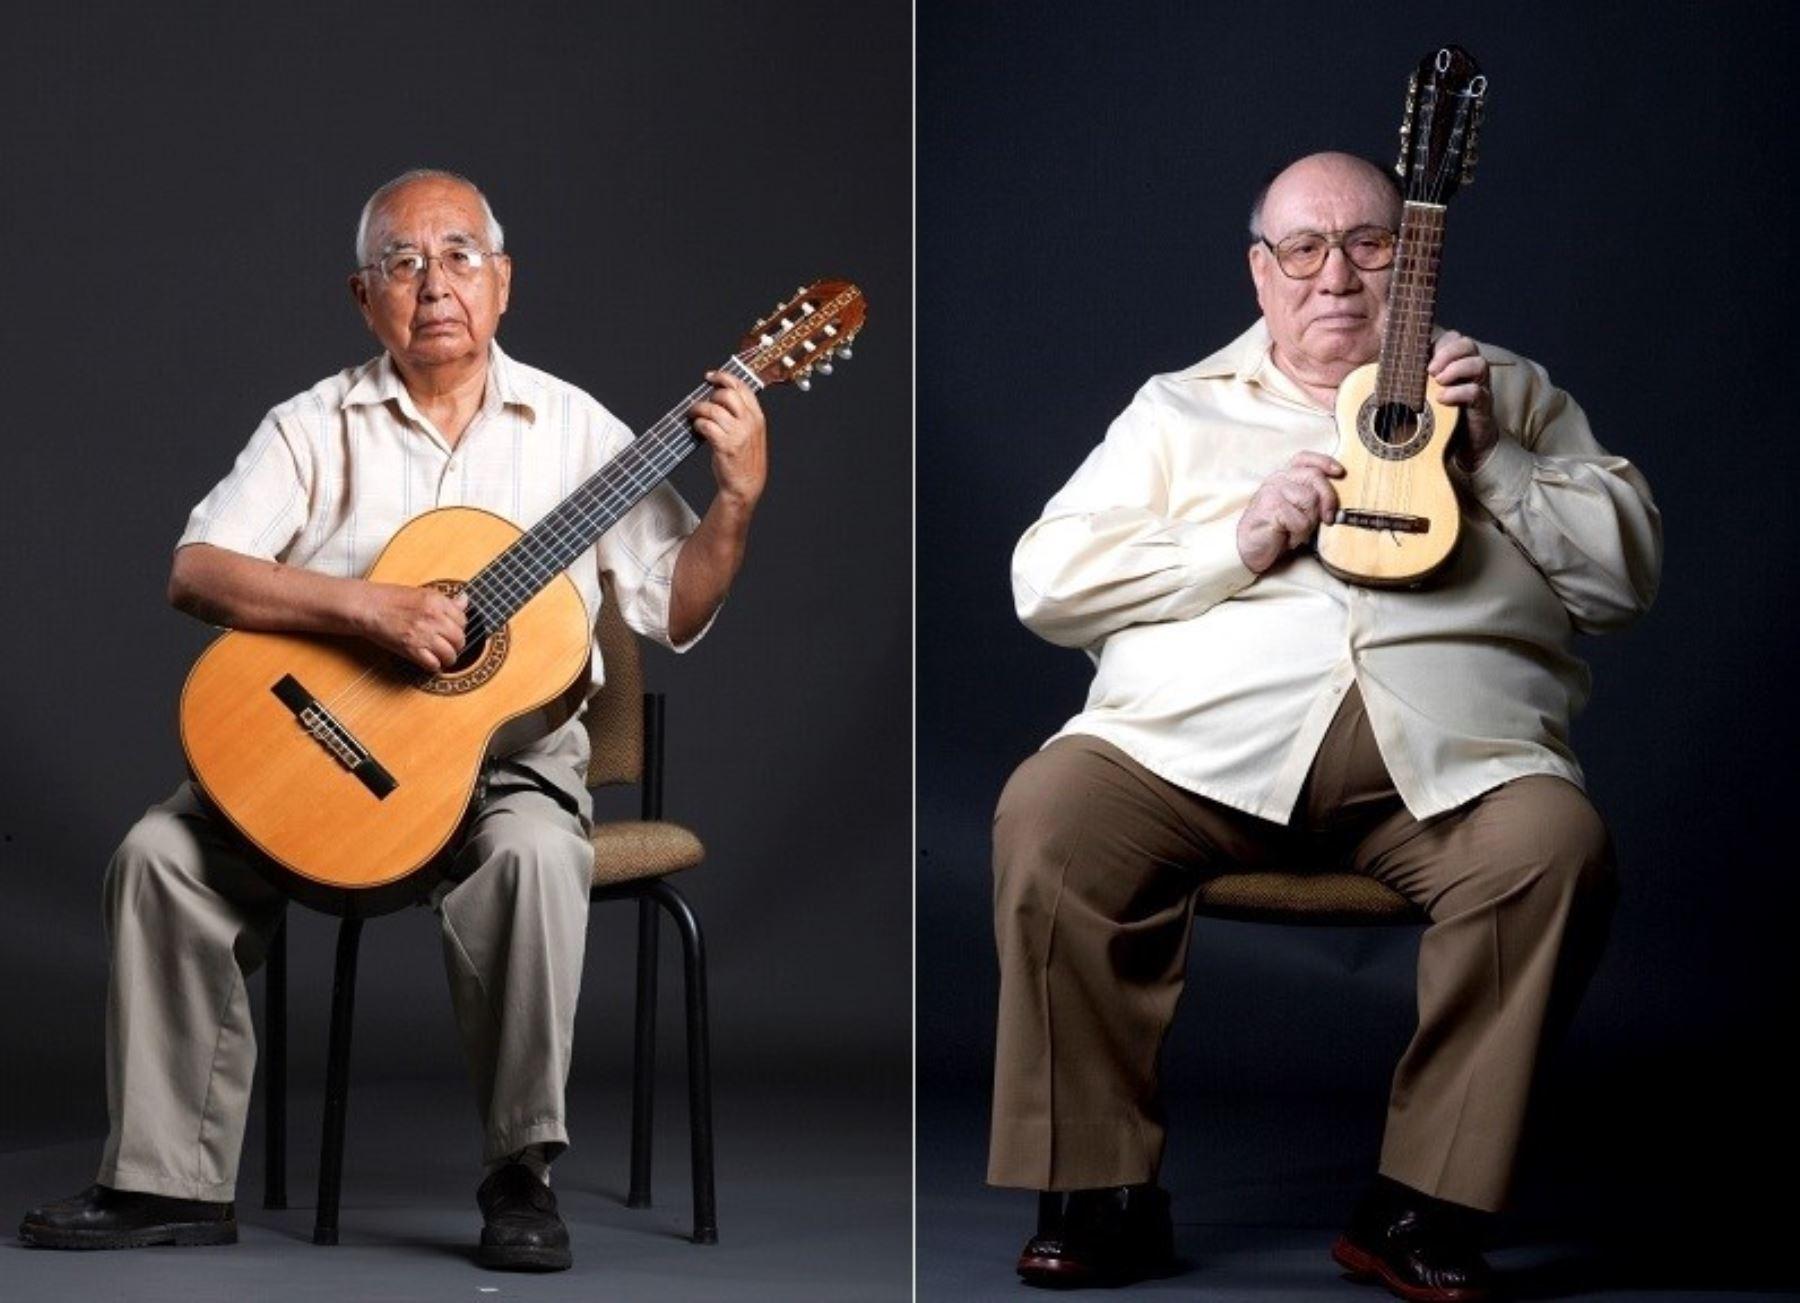 Rául García Zárate y Jaime Guardia, dos de los más insignes exponentes de la música ayacuchana, cultores de la guitarra y el charango, respectivamente. ANDINA/archivo